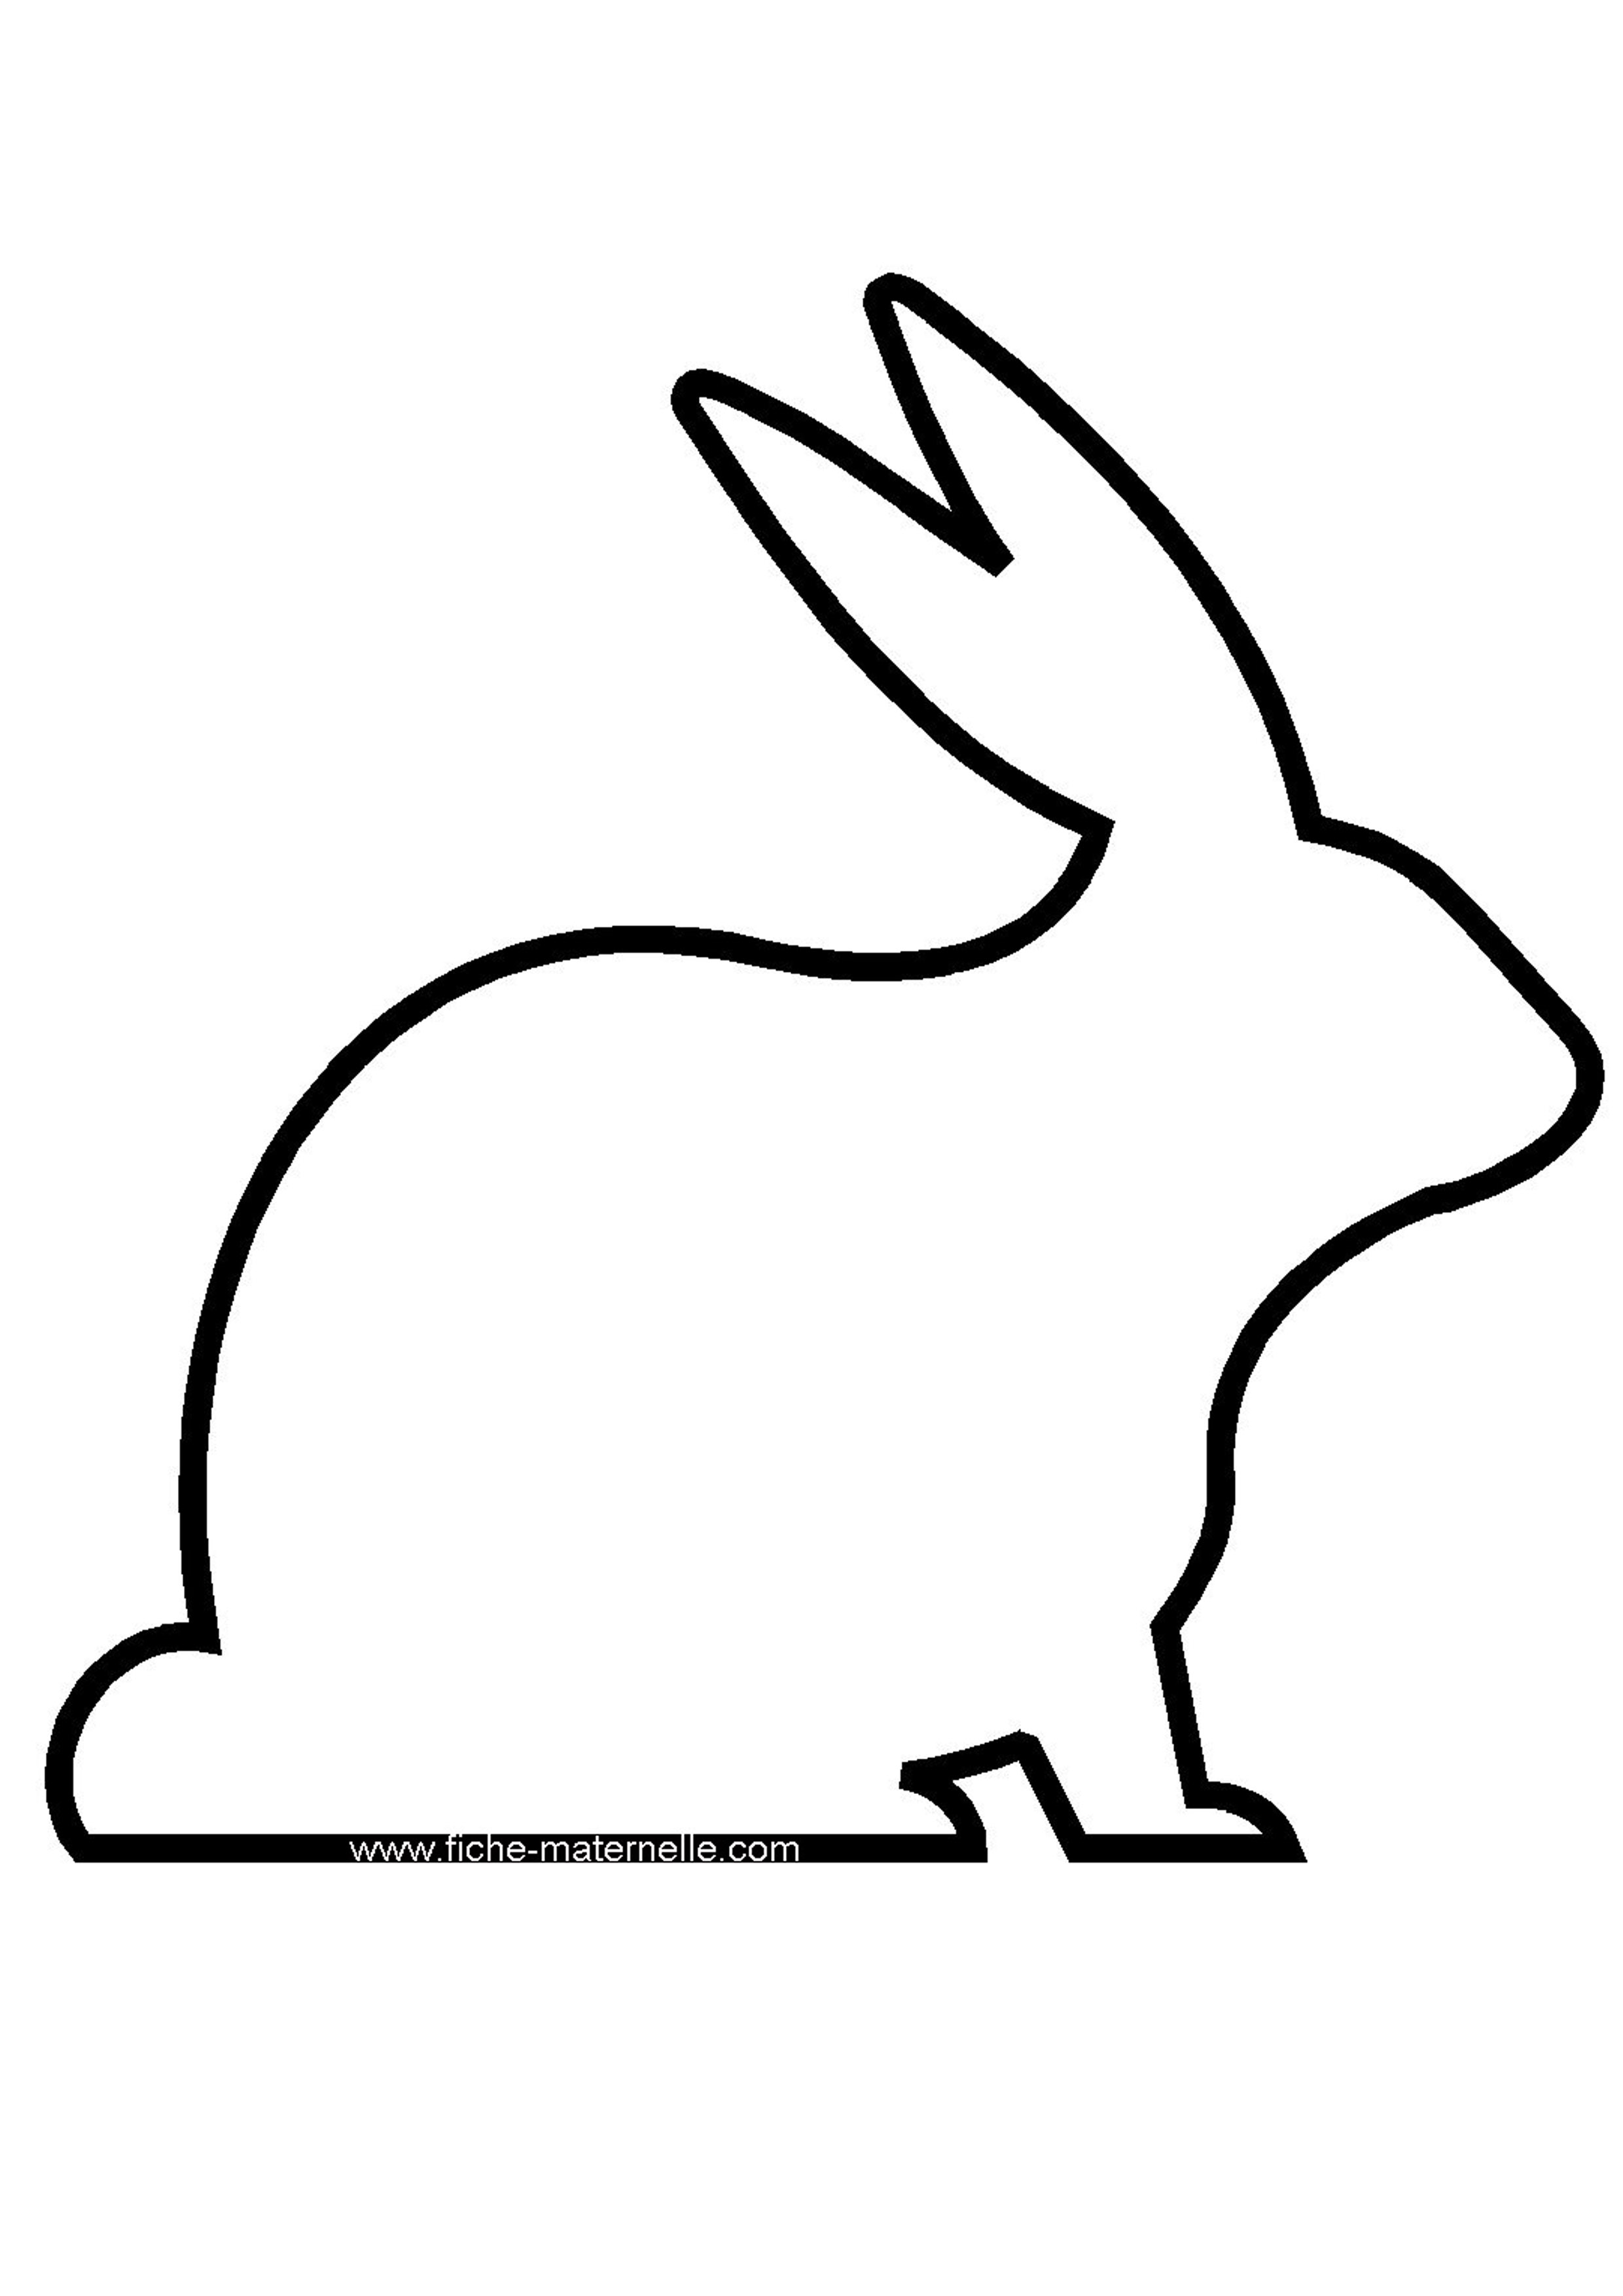 Coloriage - Un lapin dessin ...